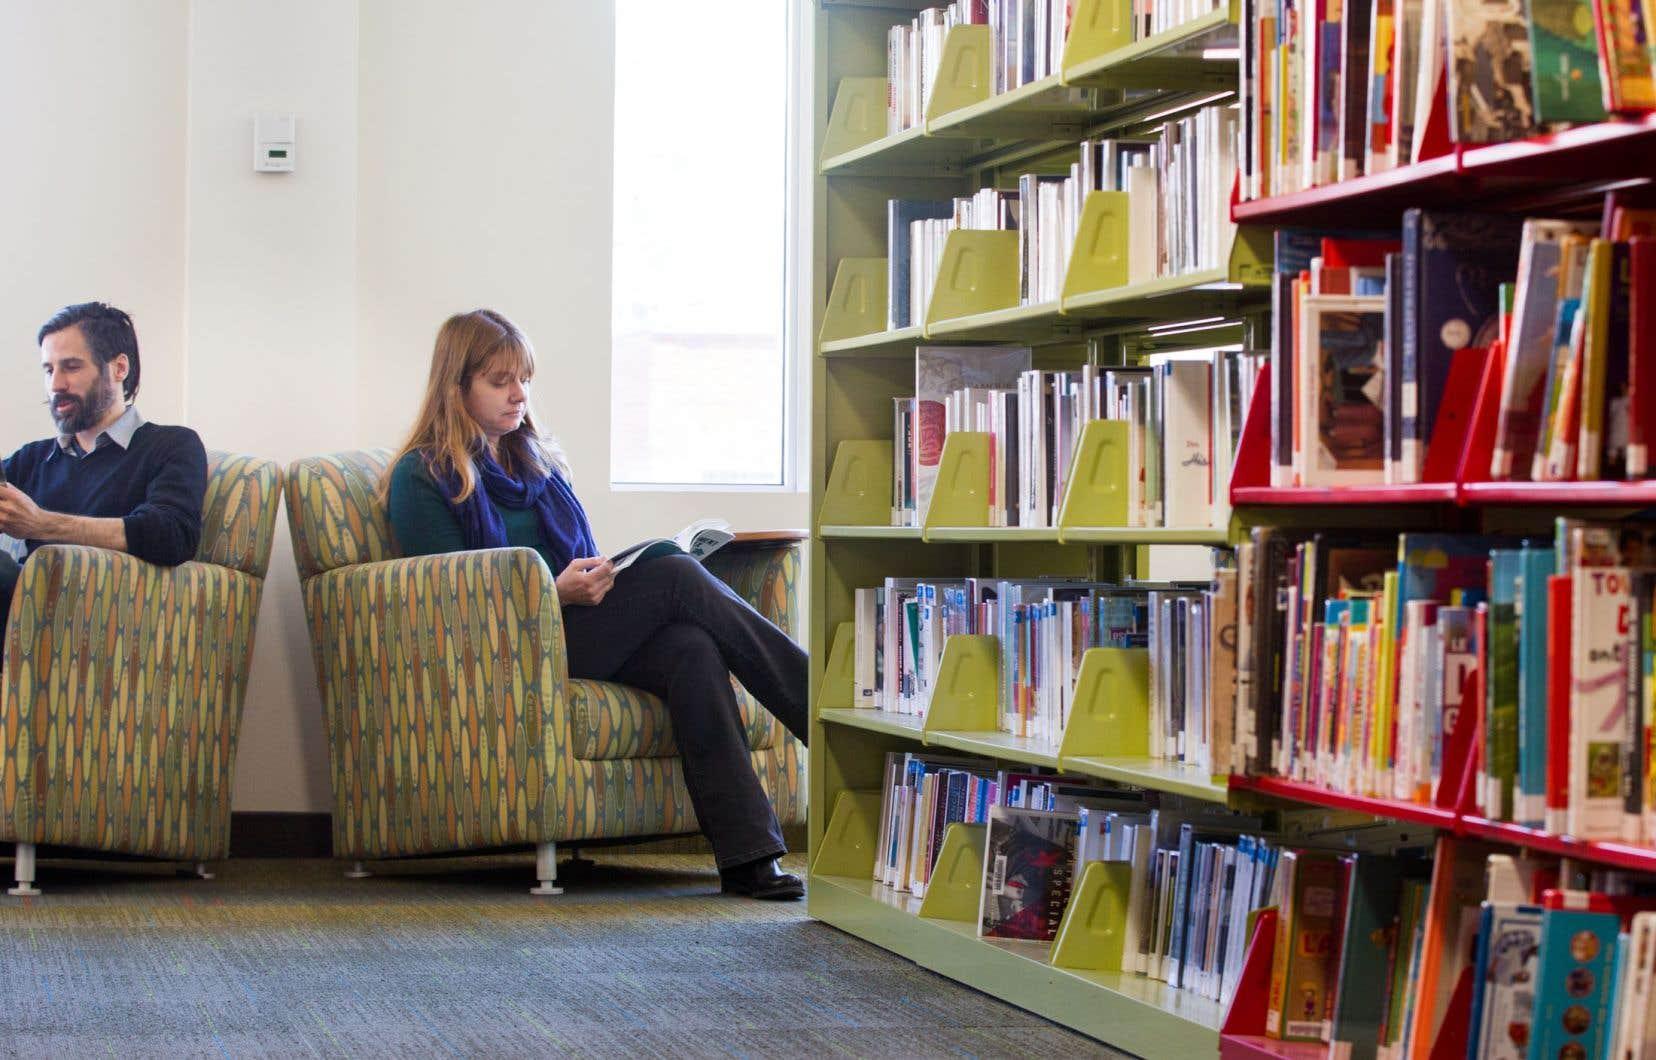 Depuis plusieurs années maintenant, les bibliothèques publiques ont fait de l'inclusion sociale un objectif essentiel de leur mission.